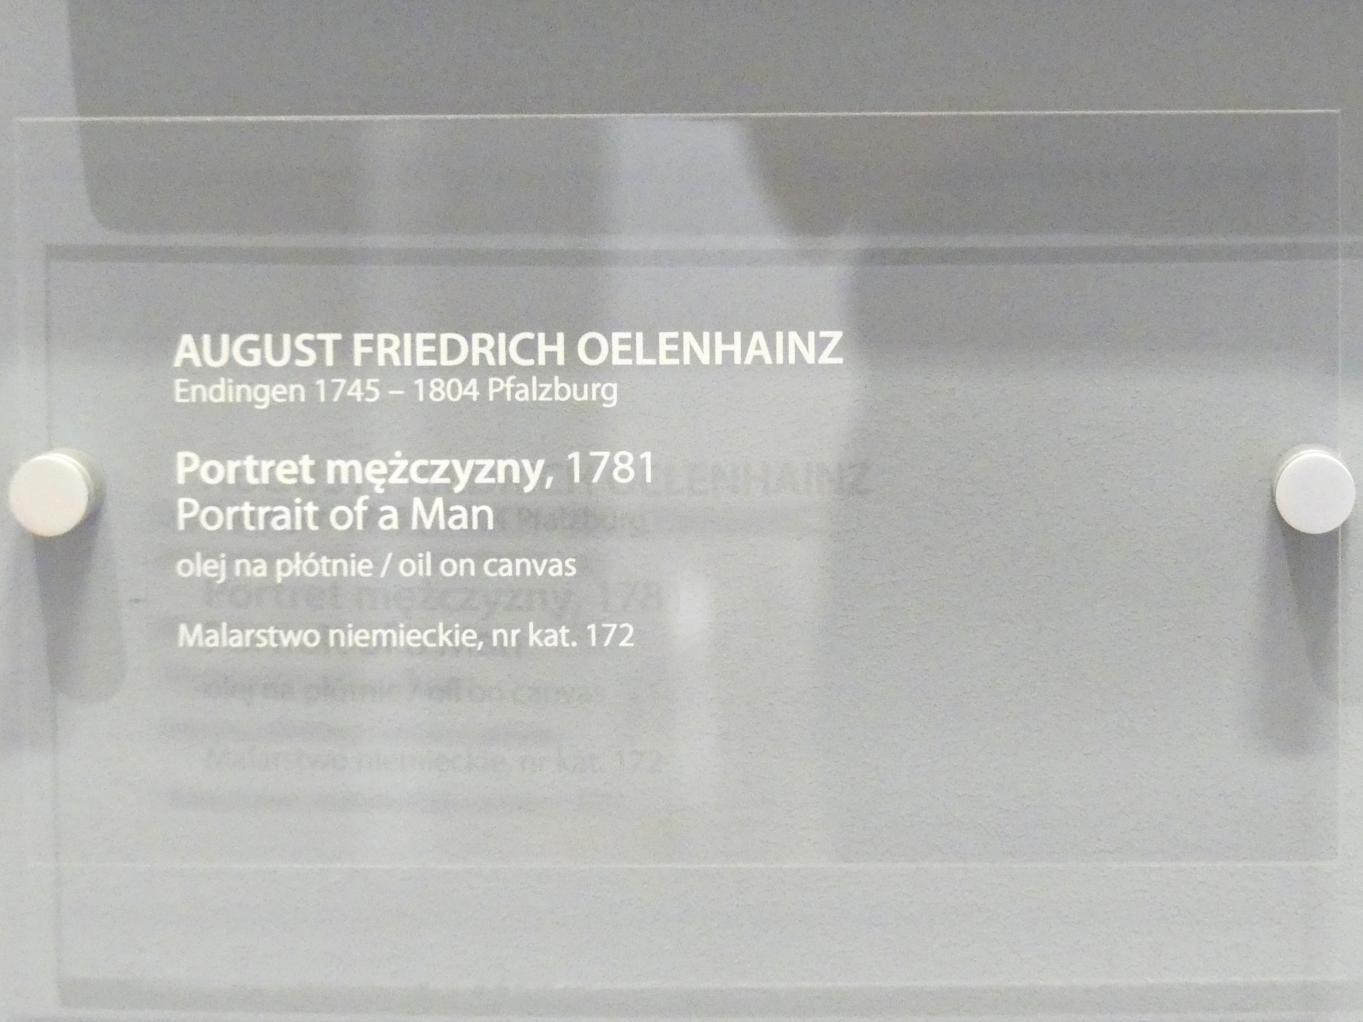 August Friedrich Oelenhainz: Porträt eines Mannes, 1781, Bild 2/2